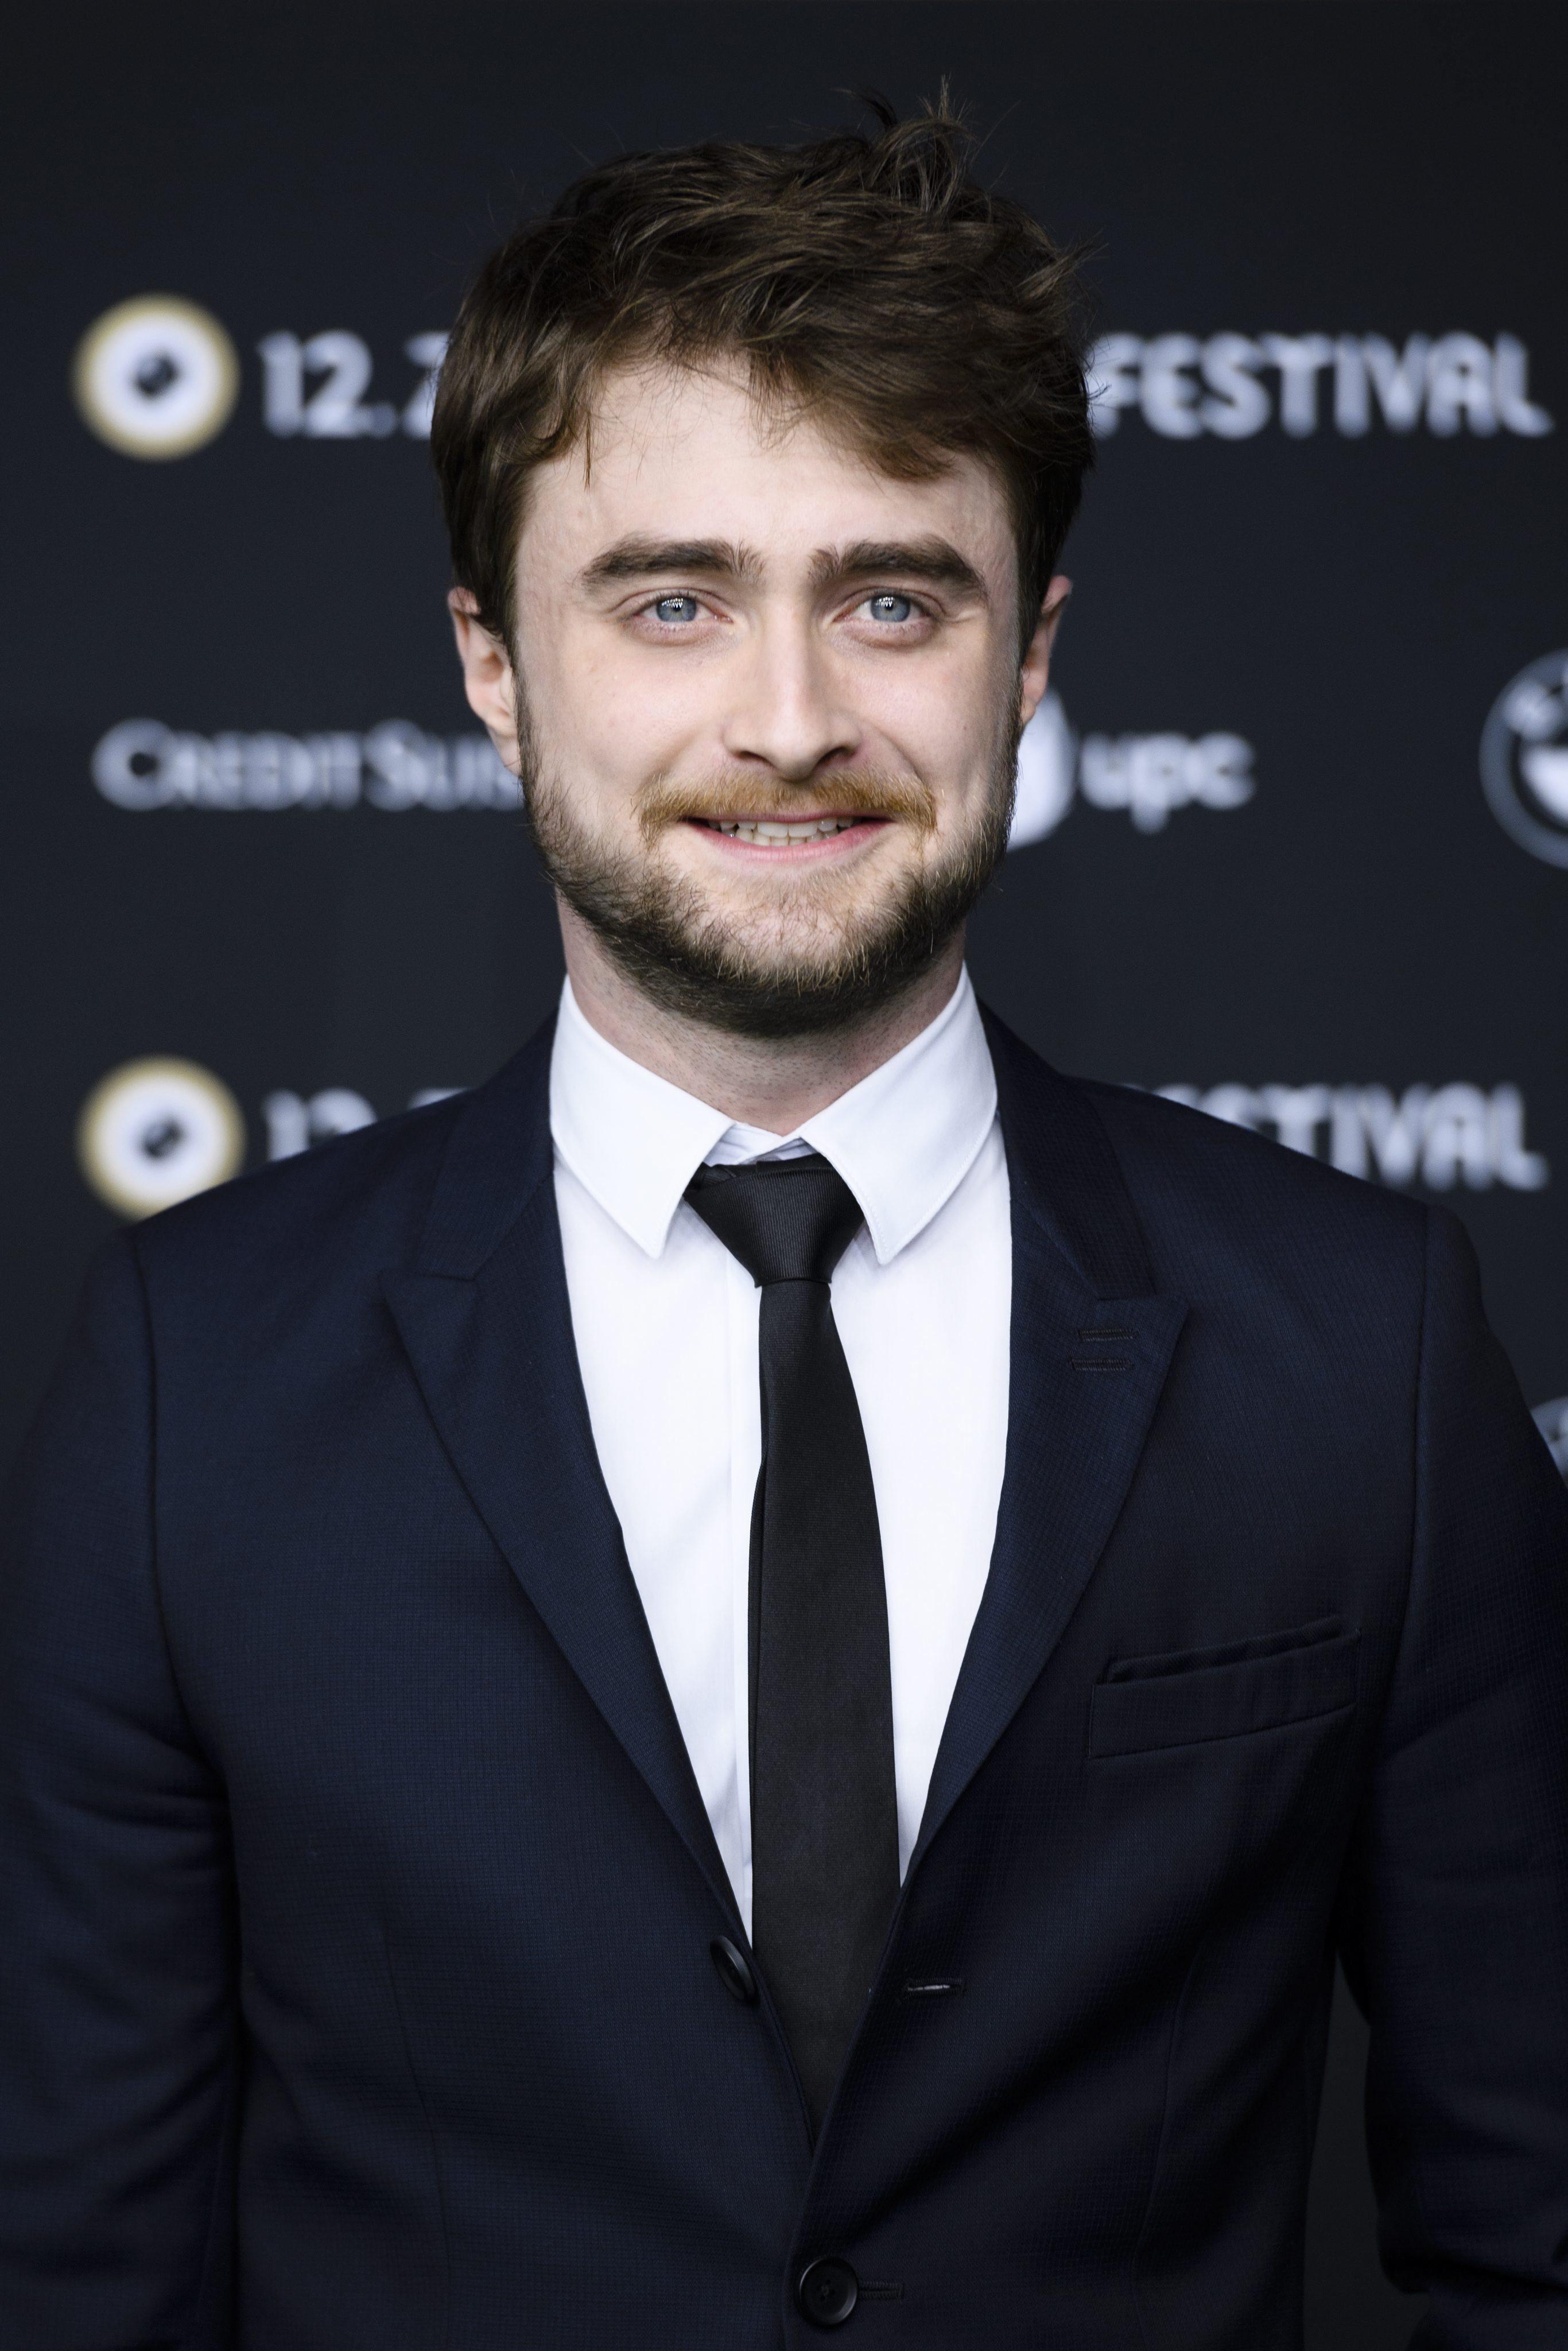 Daniel Radcliffe at the 12th Zurich Film Festival in Zurich, Switzerland on Sept. 30, 2016.